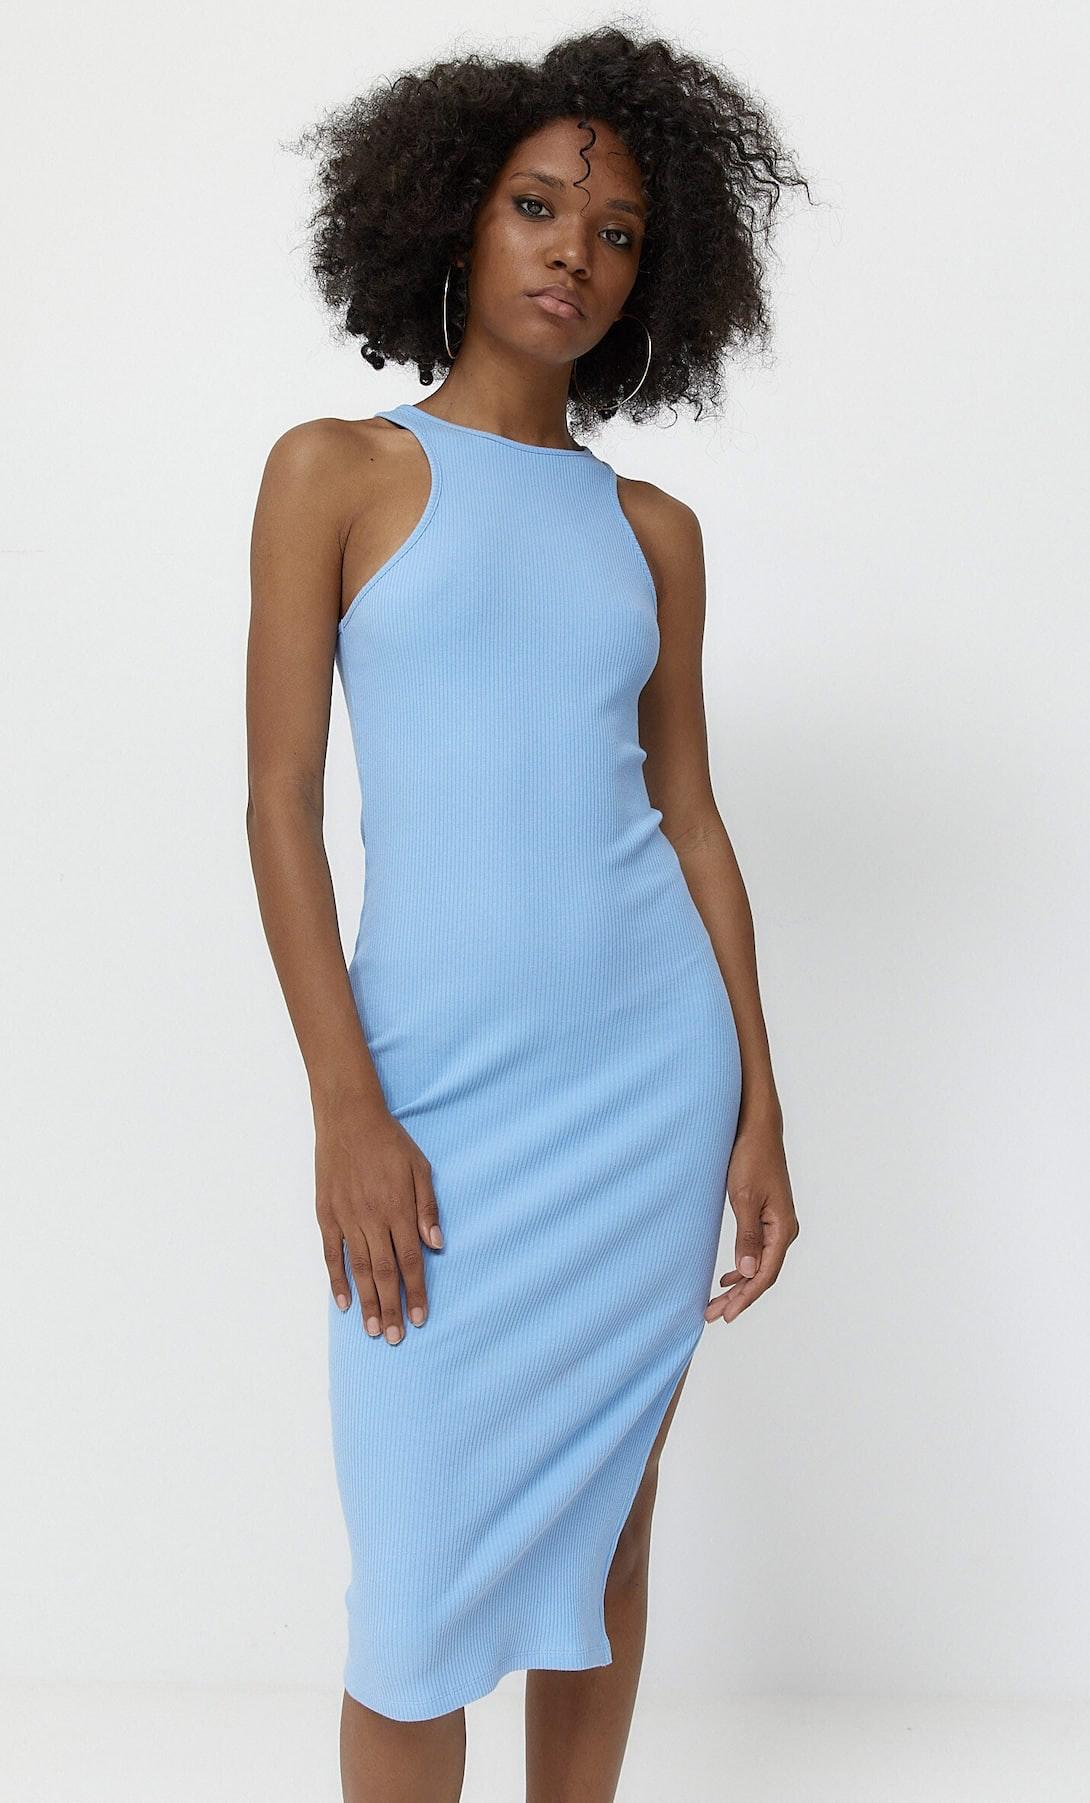 mulher com vestido formal comprido azul da Stradivarius